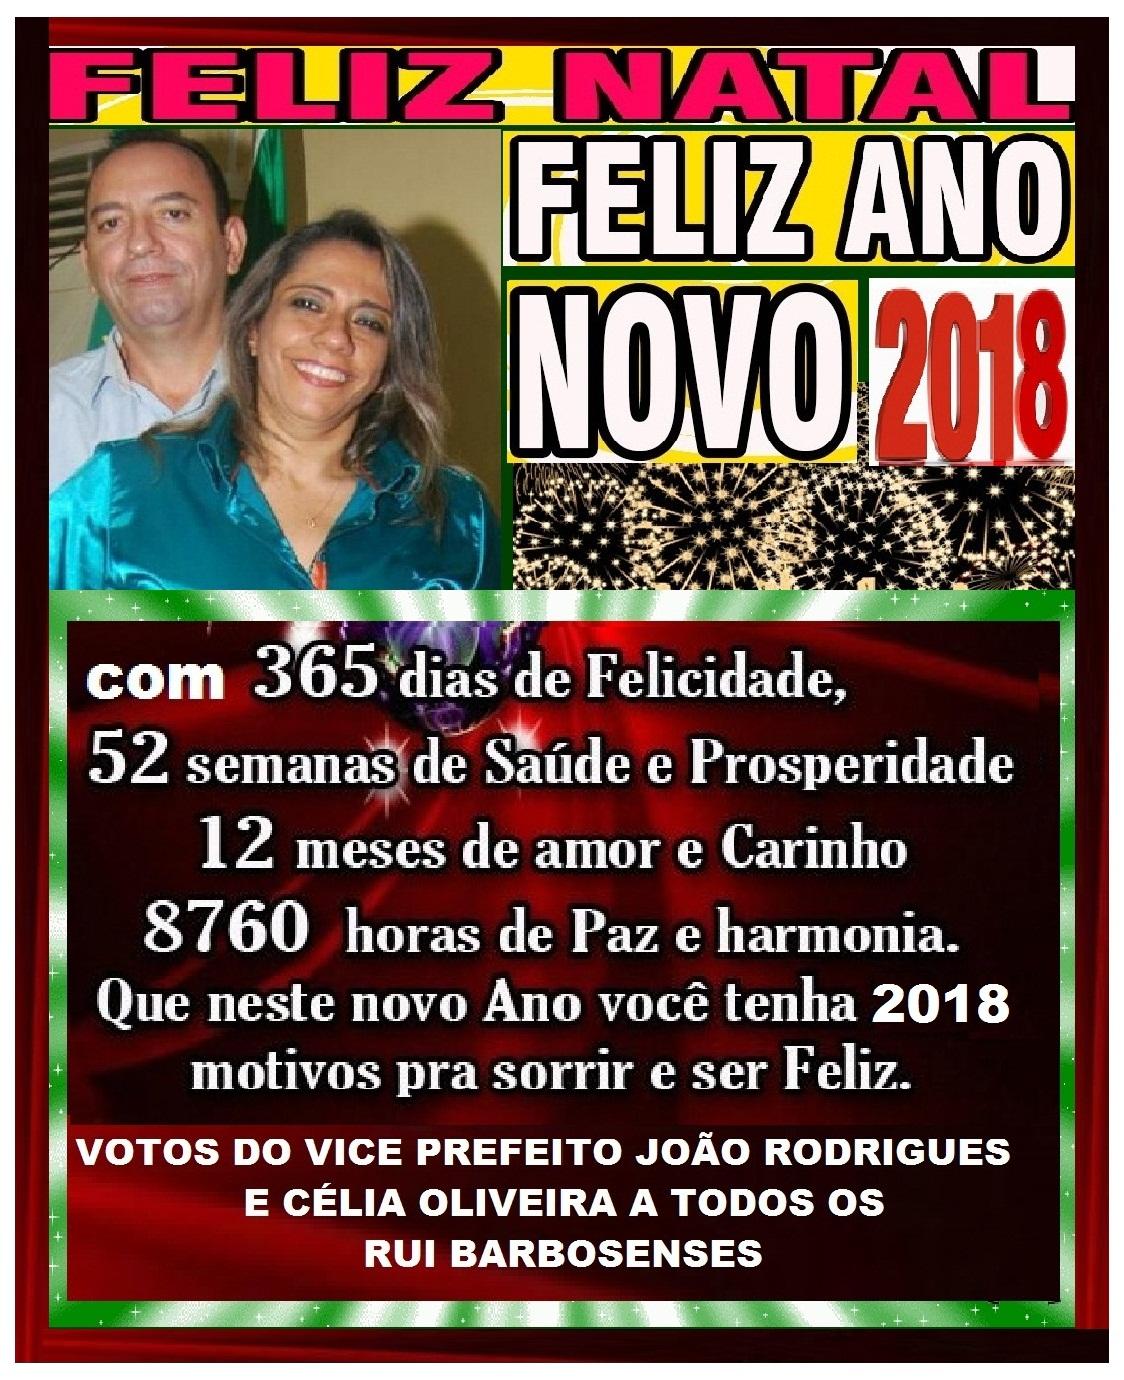 MENSAGEM DO VICE PREFEITO JOÃO RODRIGUES